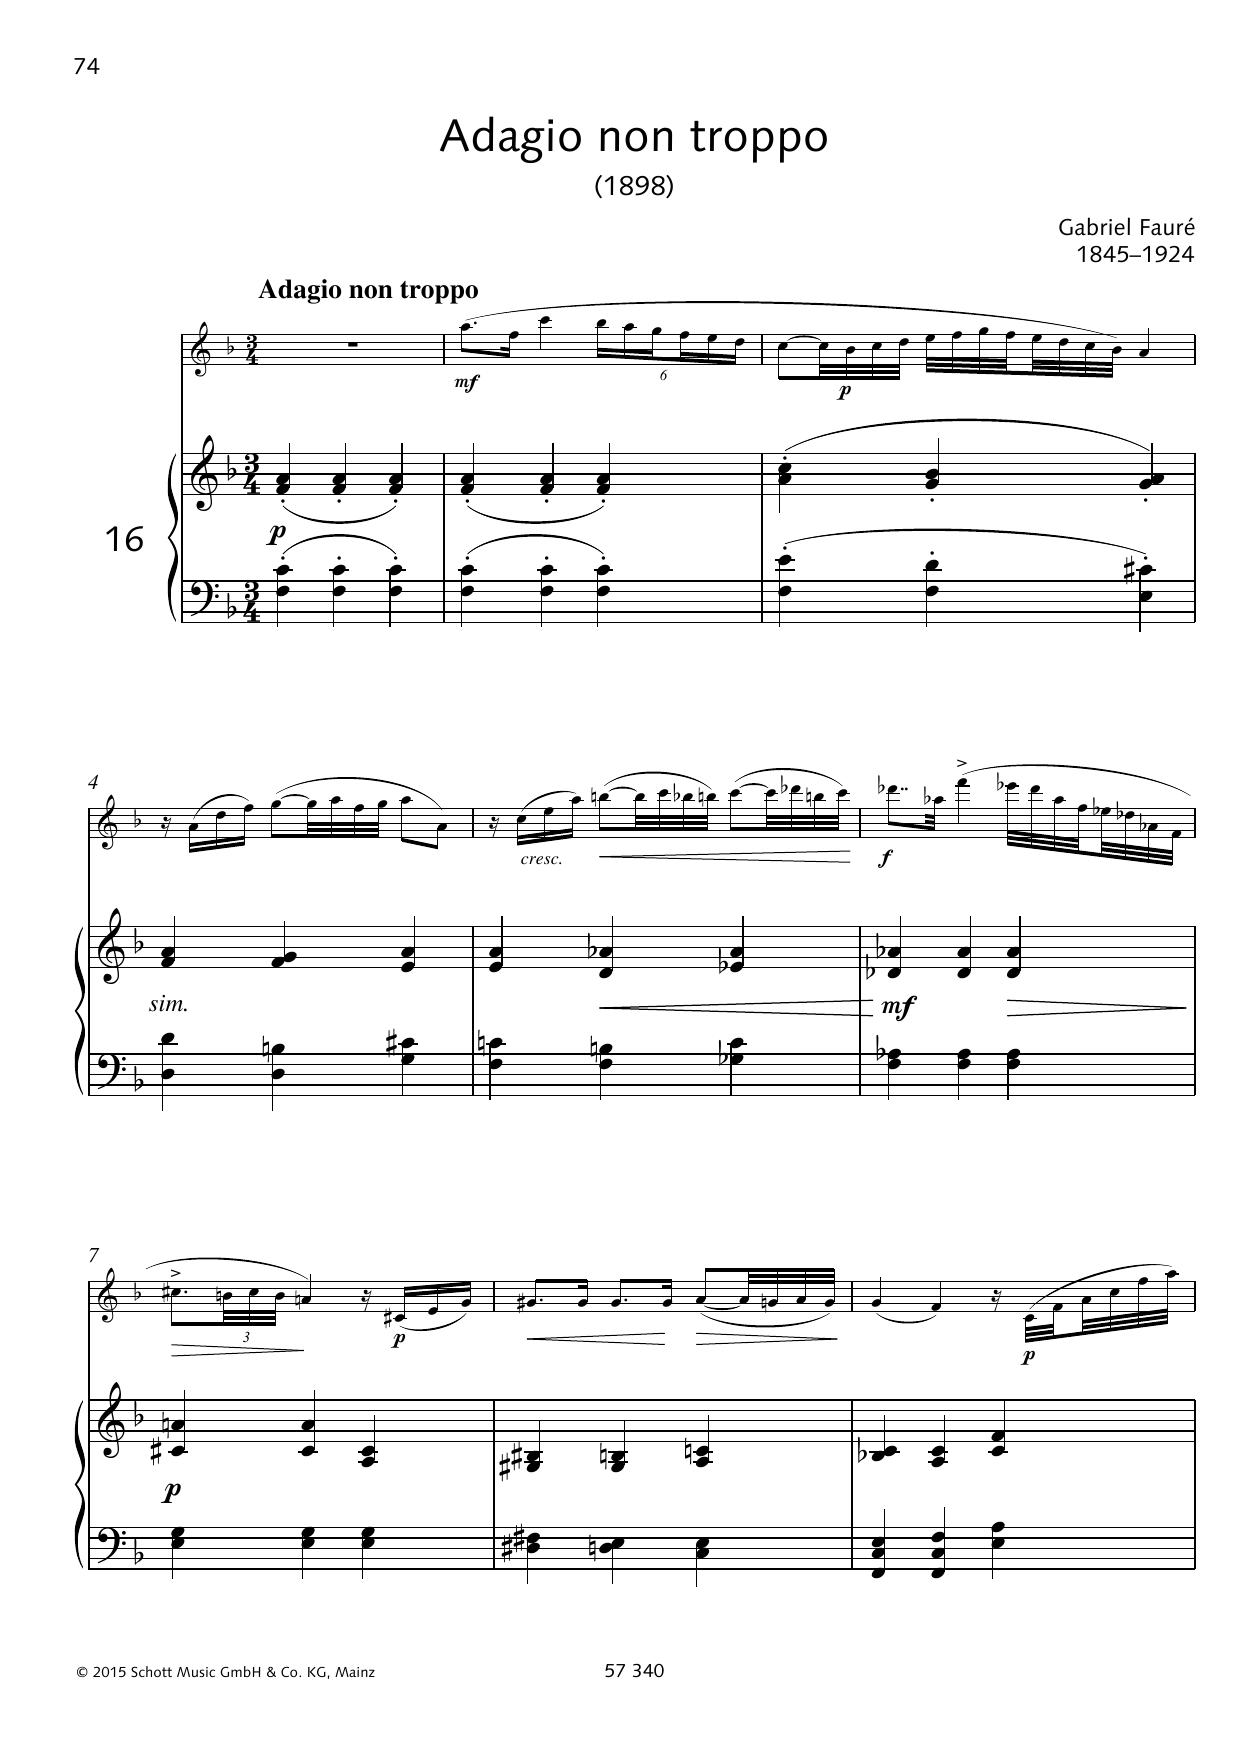 Adagio non troppo Sheet Music